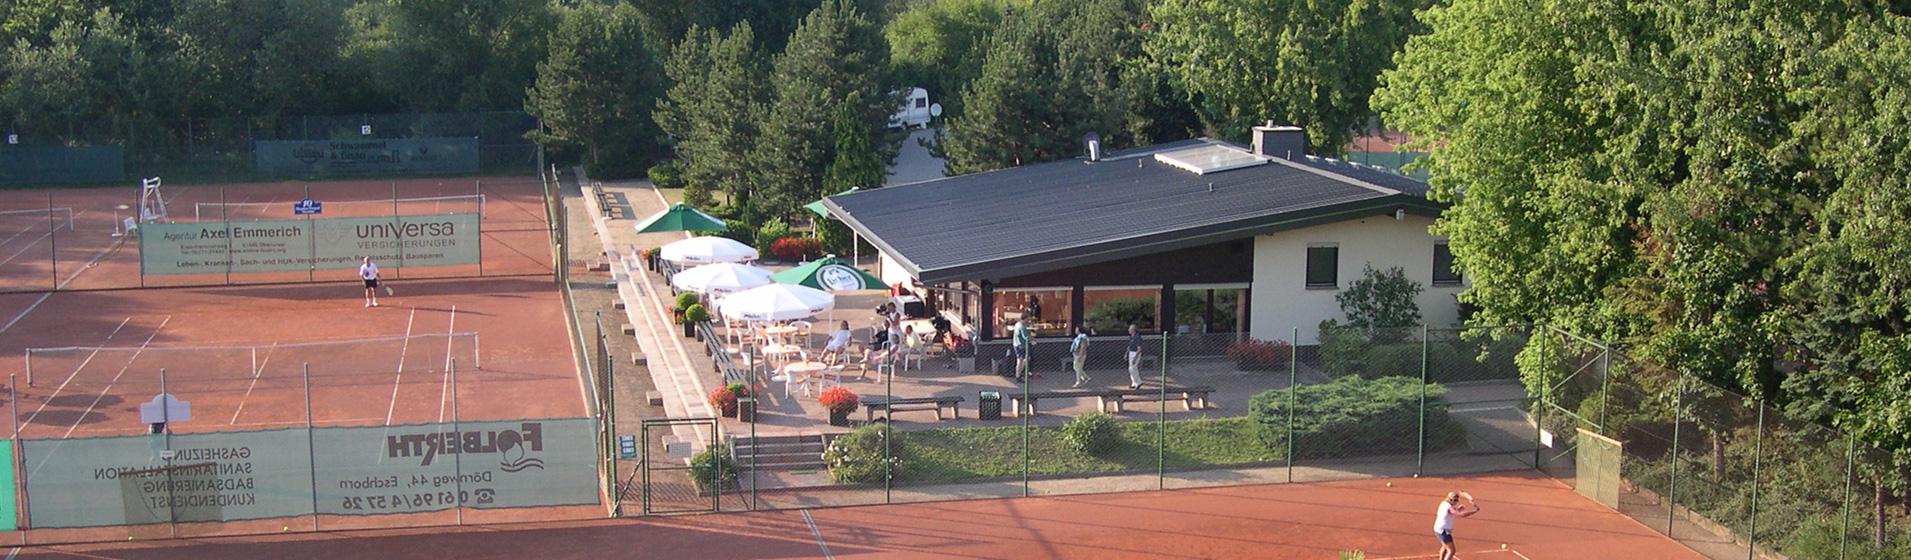 Clubhaus Außenansicht